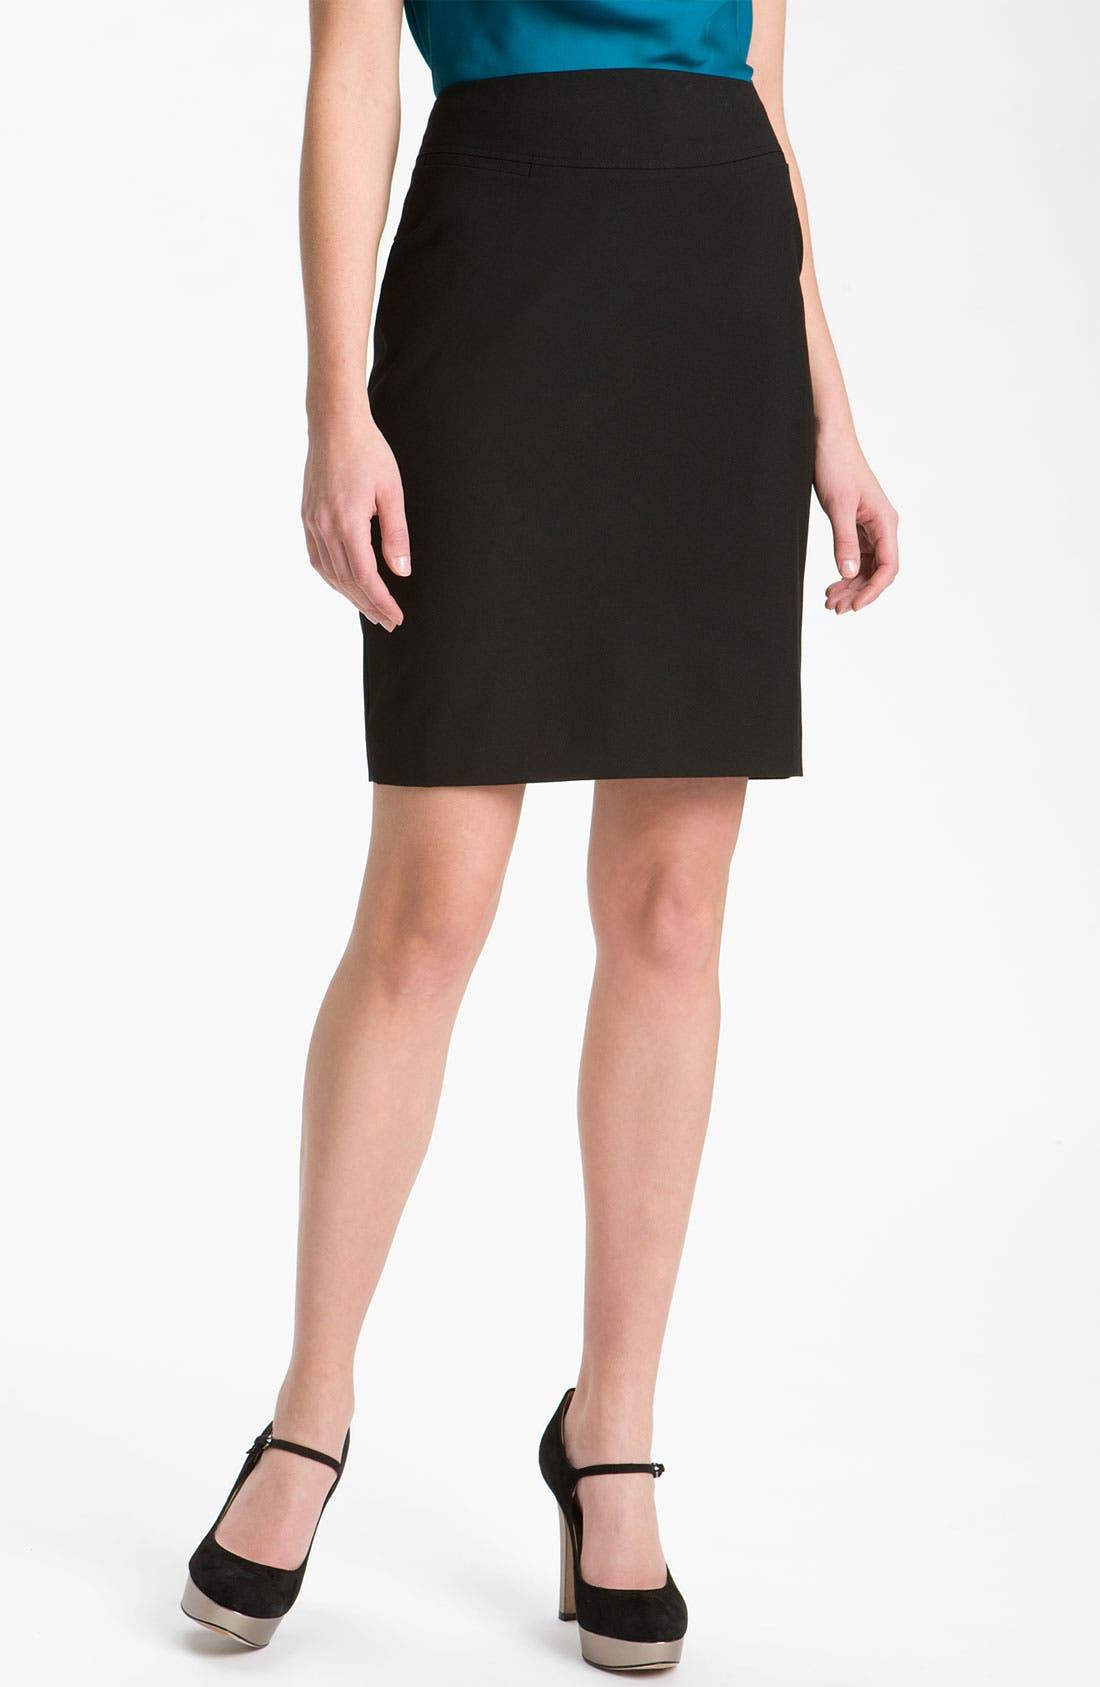 Alternate Image 1 Selected - Halogen® Welt Pocket Skirt